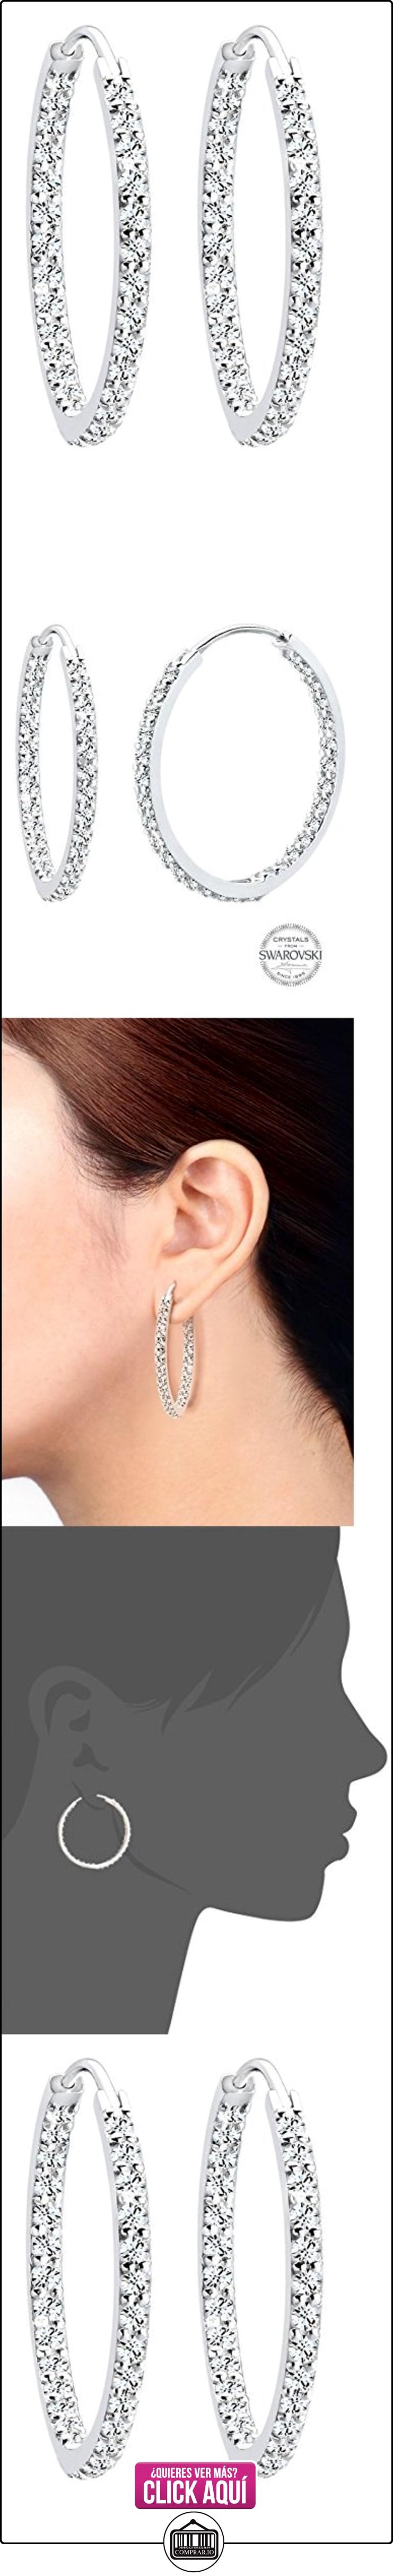 Elli - Pendientes de plata de ley con cristal de swarovski  ✿ Joyas para mujer - Las mejores ofertas ✿ ▬► Ver oferta: https://comprar.io/goto/B008BGLCZC